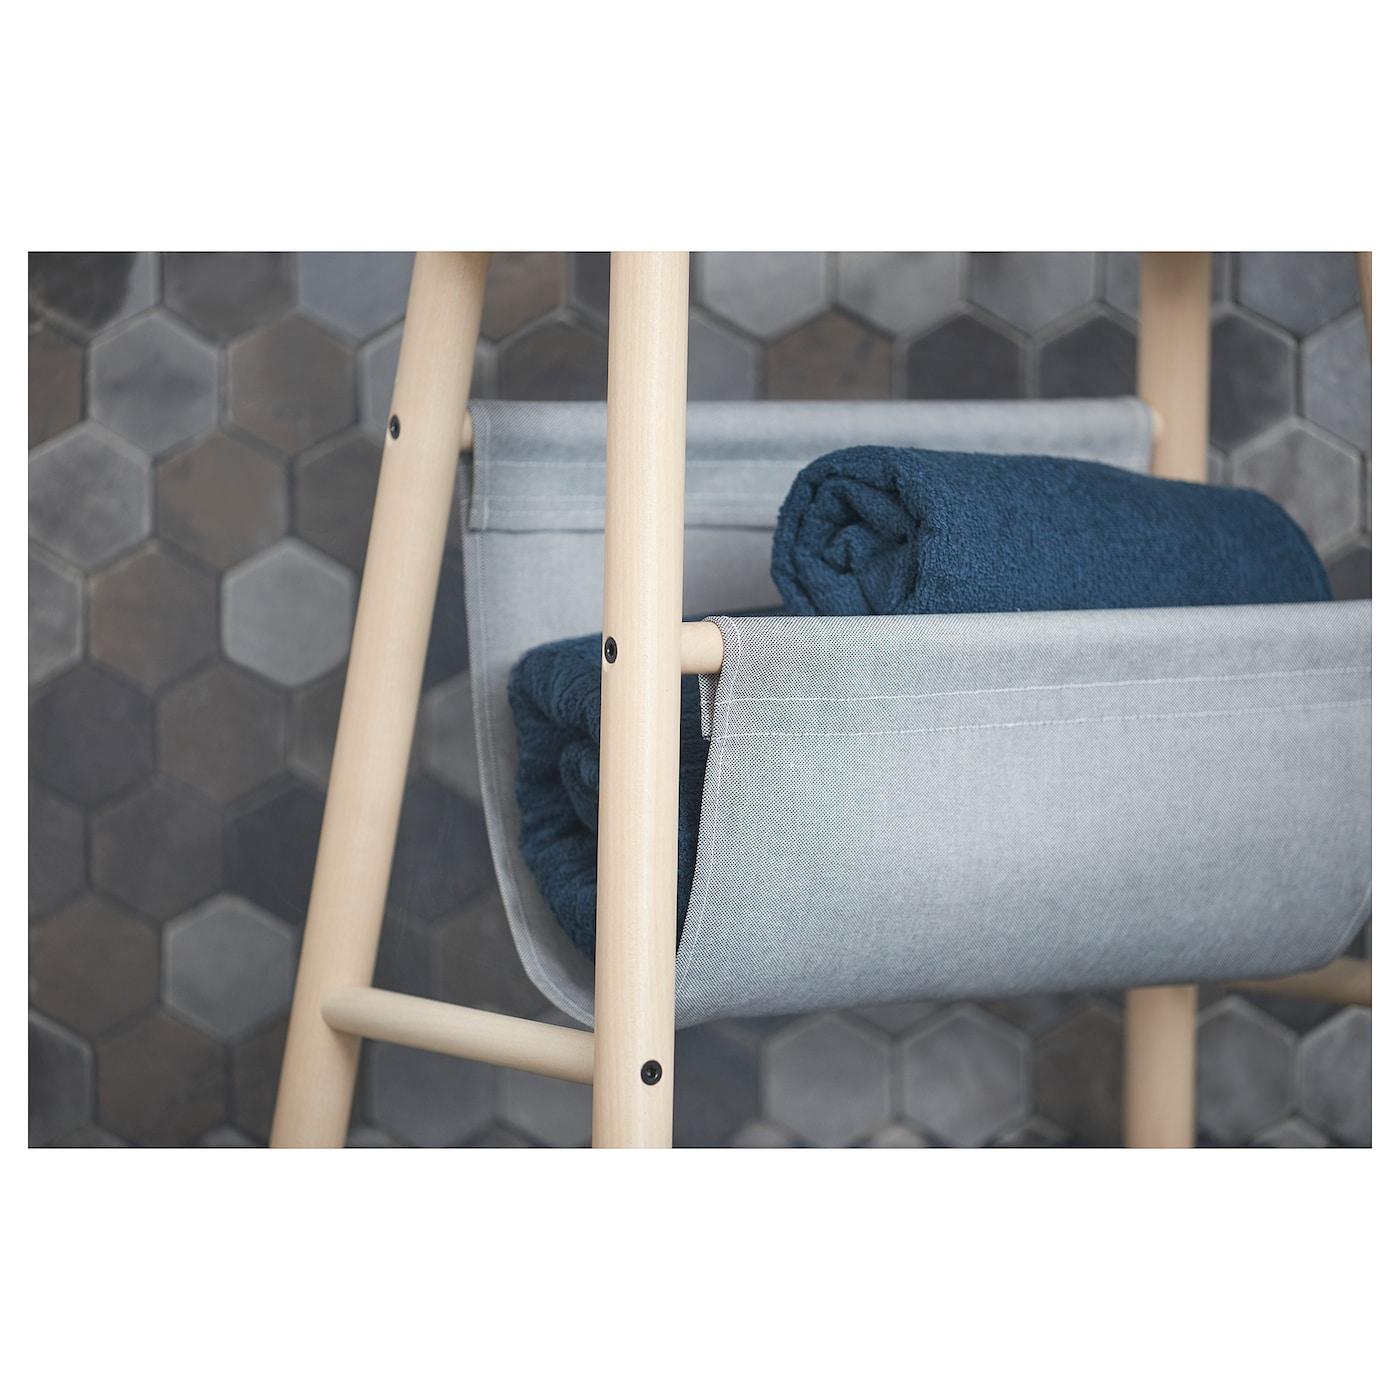 VILTO Pall med förvaring, svart, 45 cm IKEA